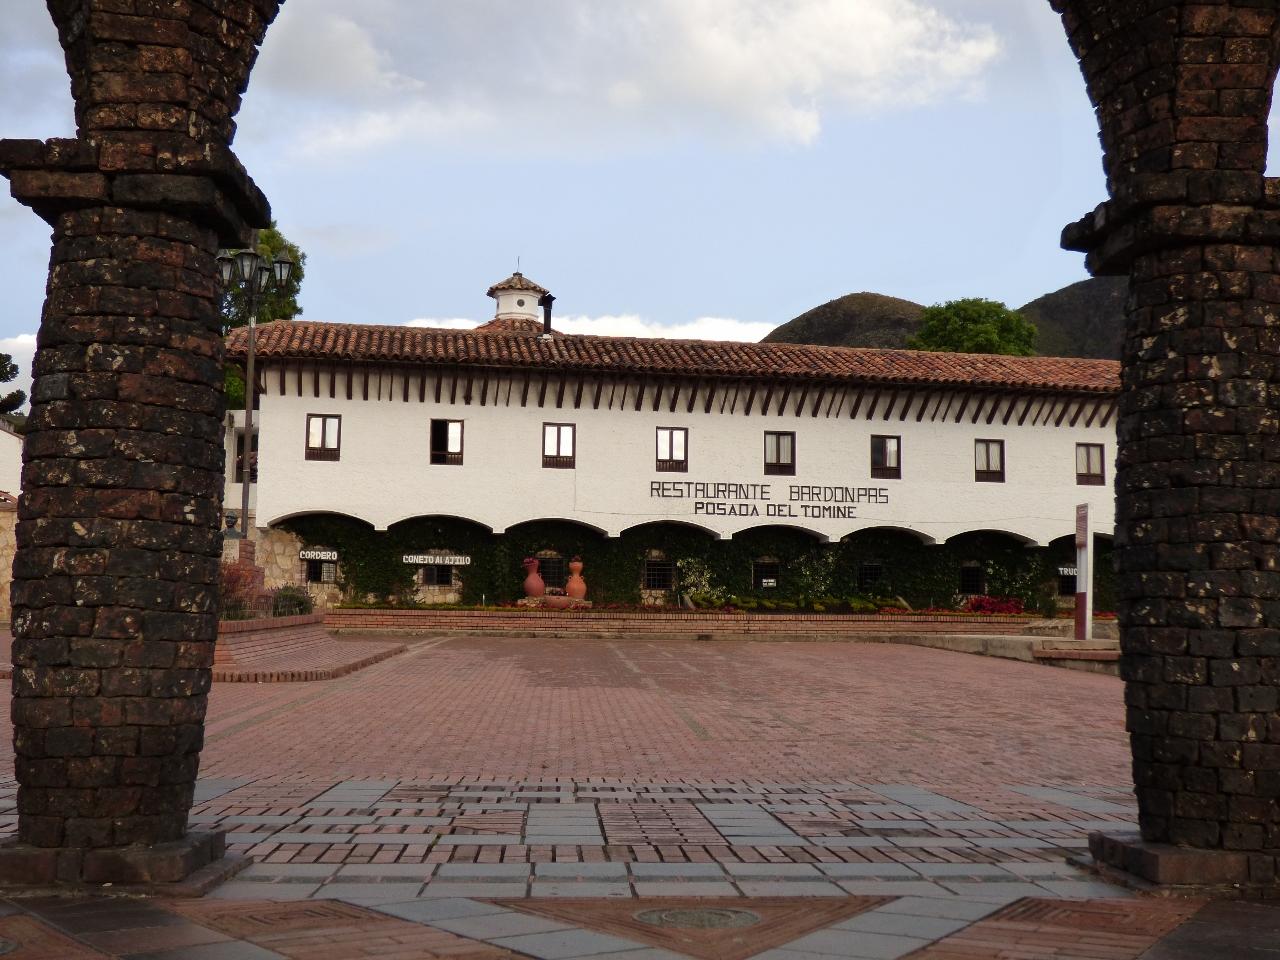 Restaurante Bar Don Pas - Casa municipal Guatavita - Cundinamarca - Colombia. Foto: David Medina